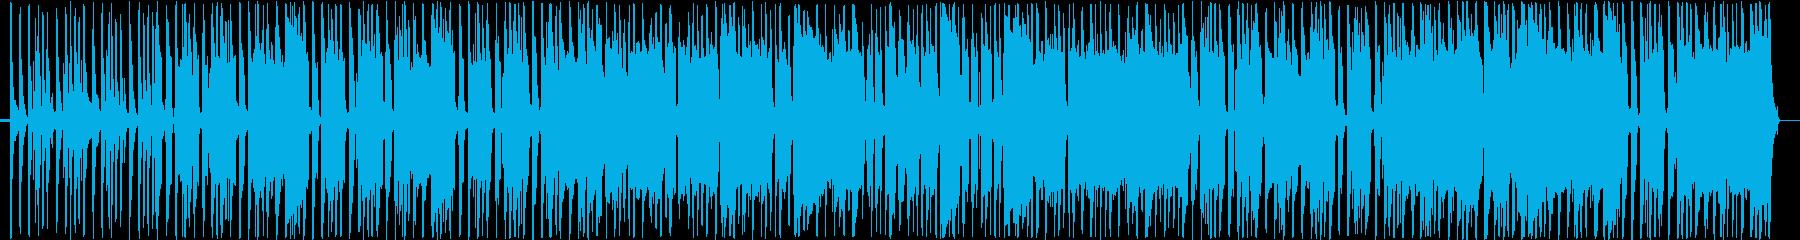 オルタナティブロックインスト。エッ...の再生済みの波形